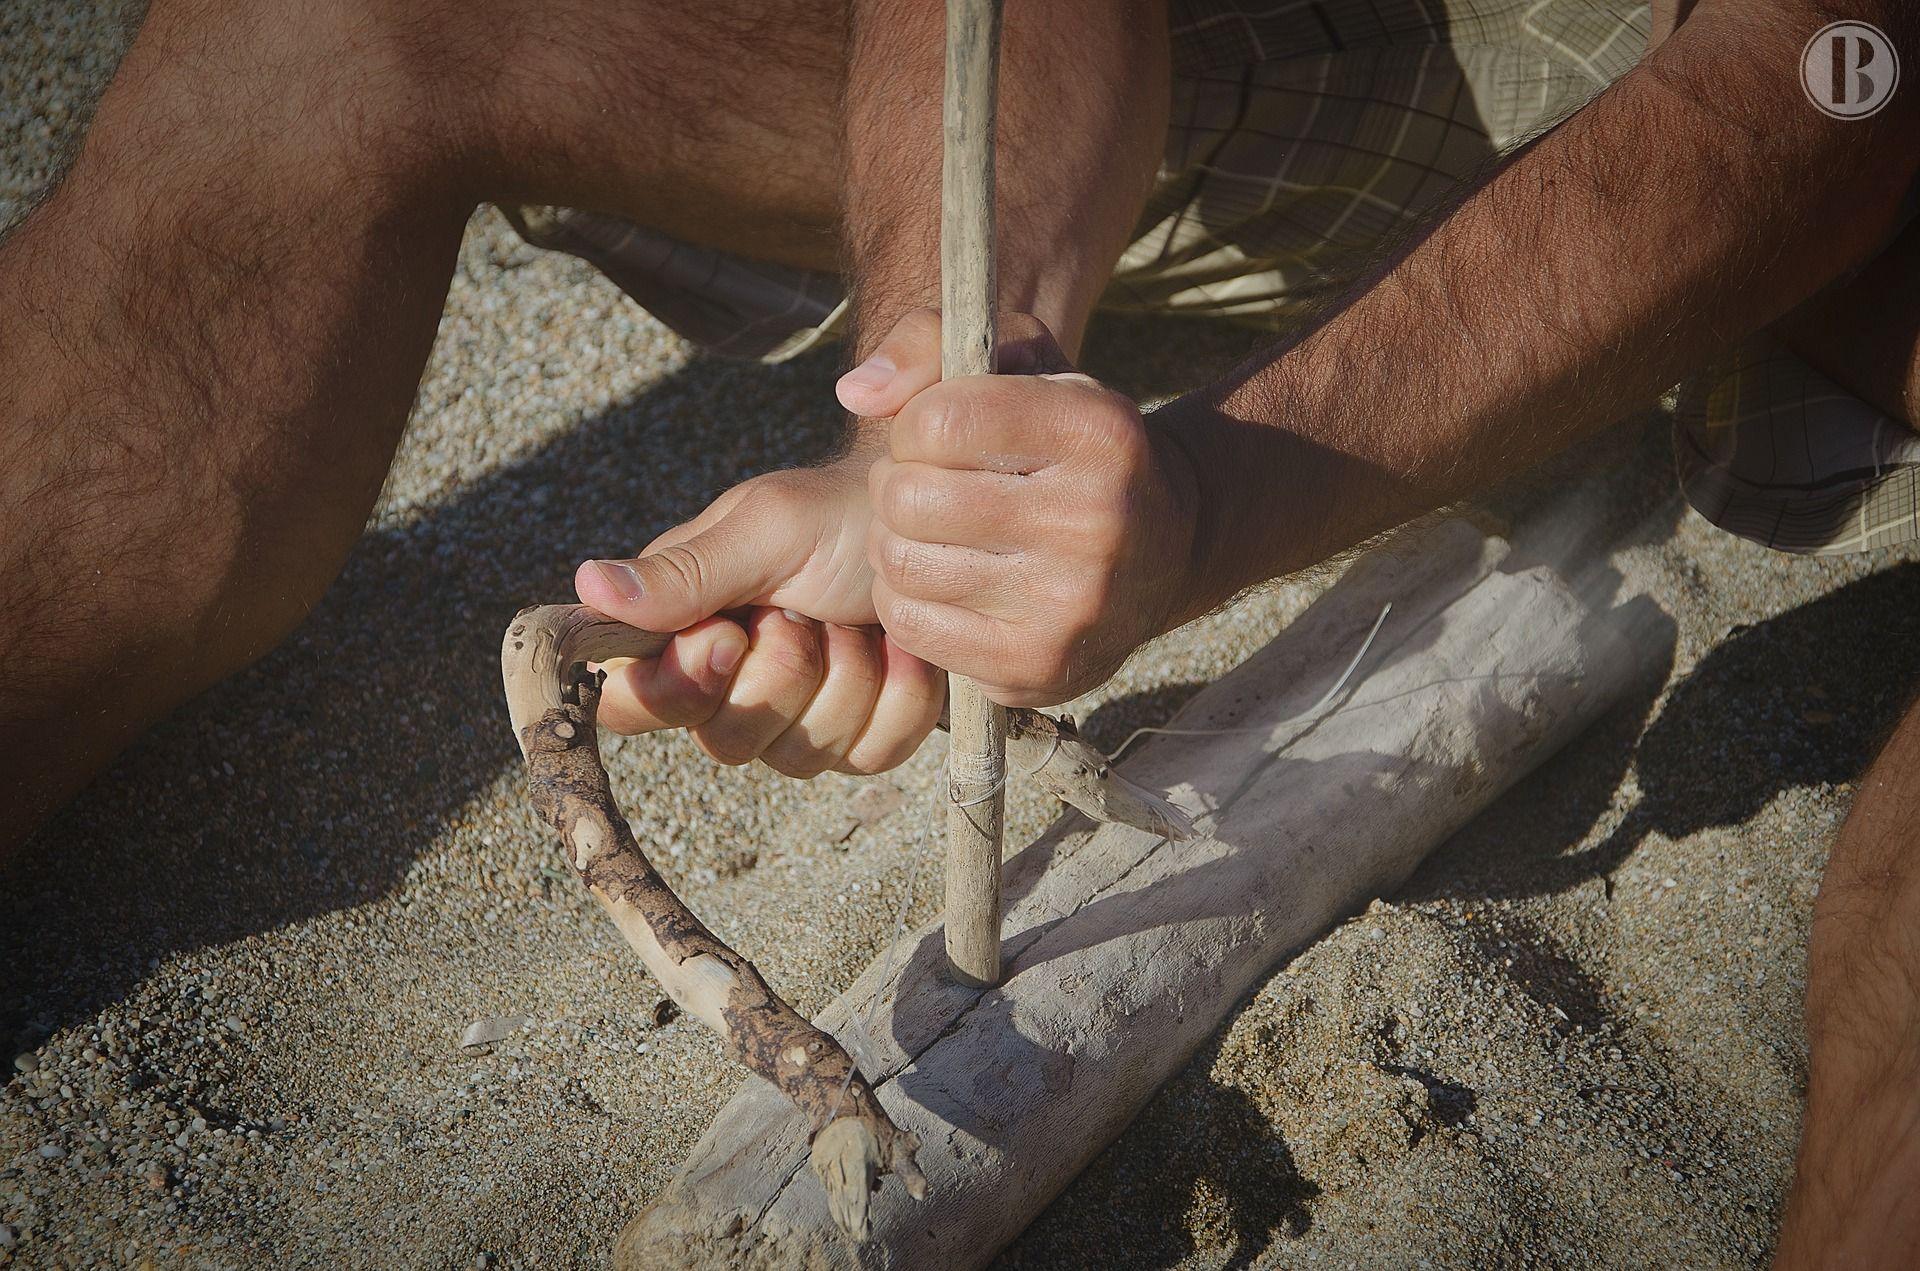 Los neandertales dejaron su rastro en la apariencia humana